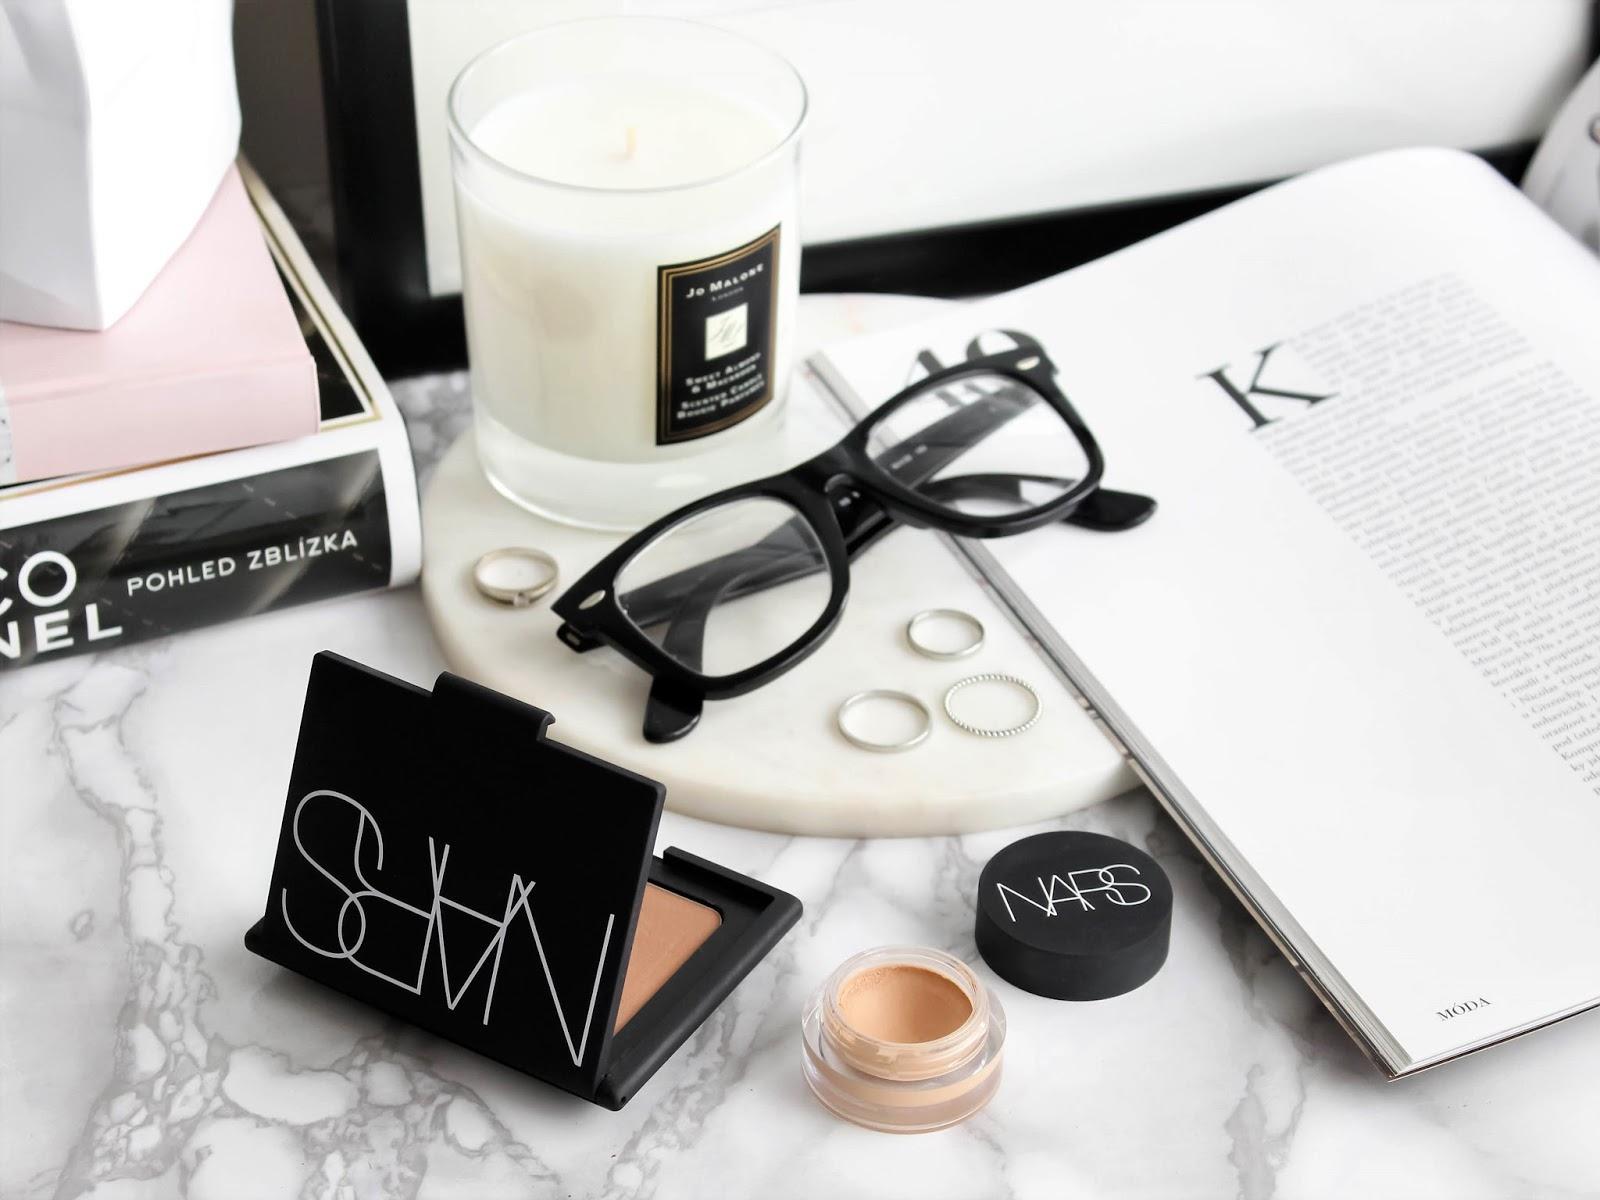 nars kosmetika recenze